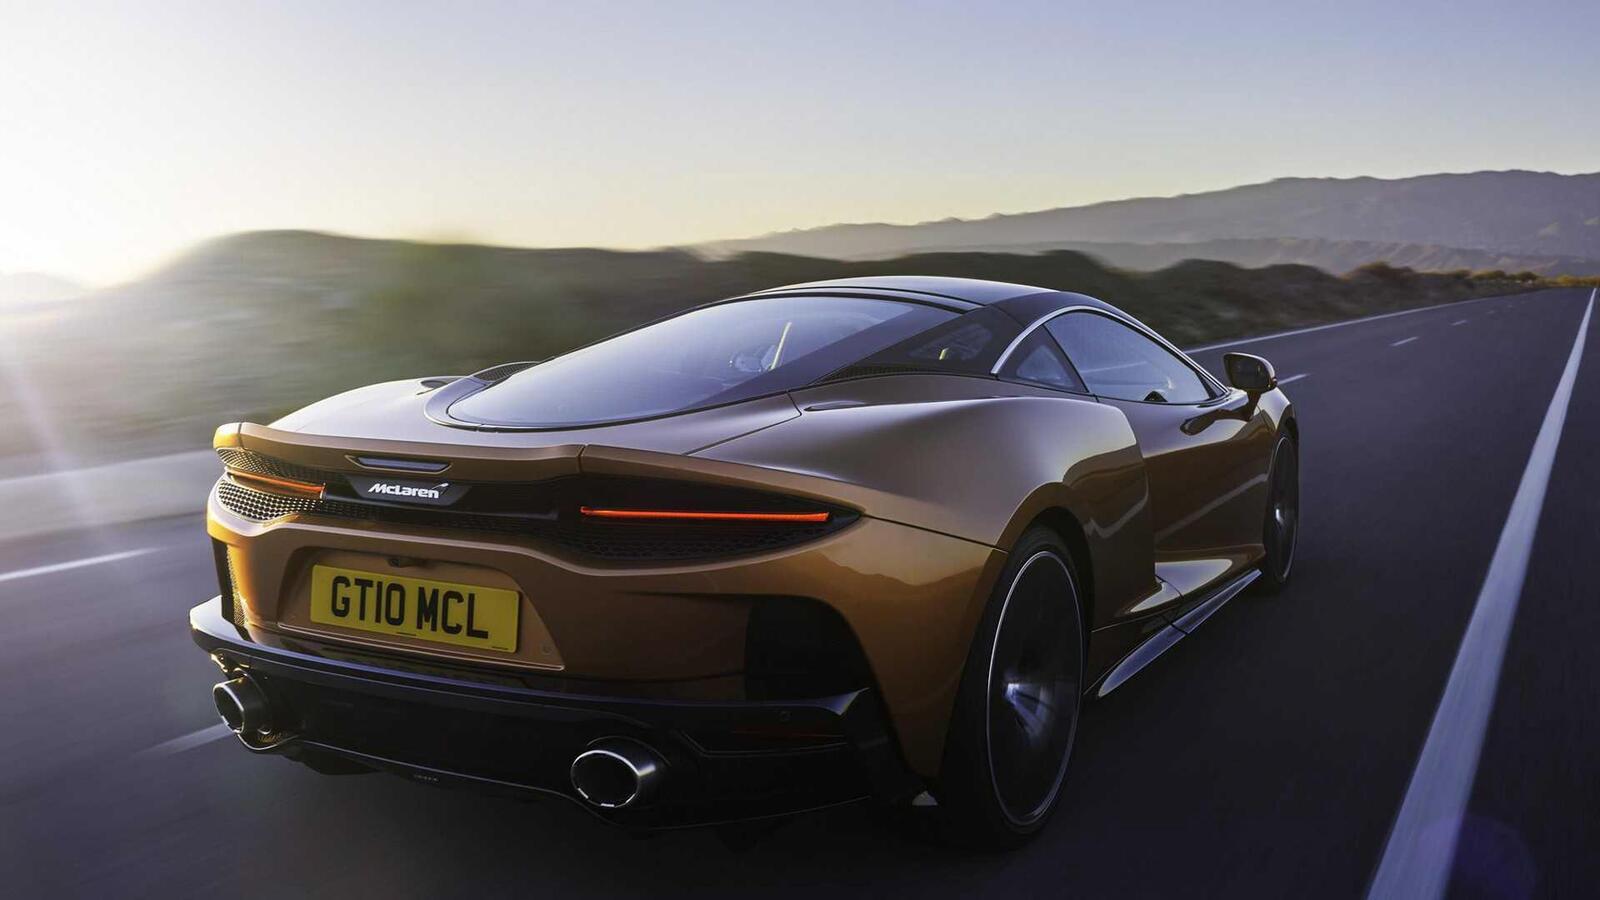 McLaren giới thiệu siêu xe GT 2020 hoàn toàn mới: Động cơ mạnh mẽ và cabin thoải mái - Hình 13